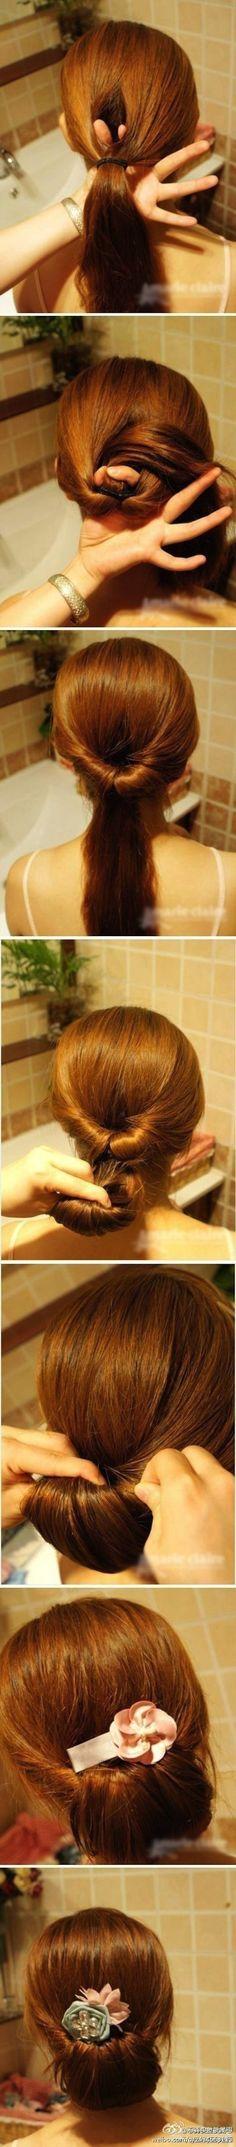 Des idées de coiffure pour vos prochains party des fêtes ou comment être classy sans en faire trop. - TPL